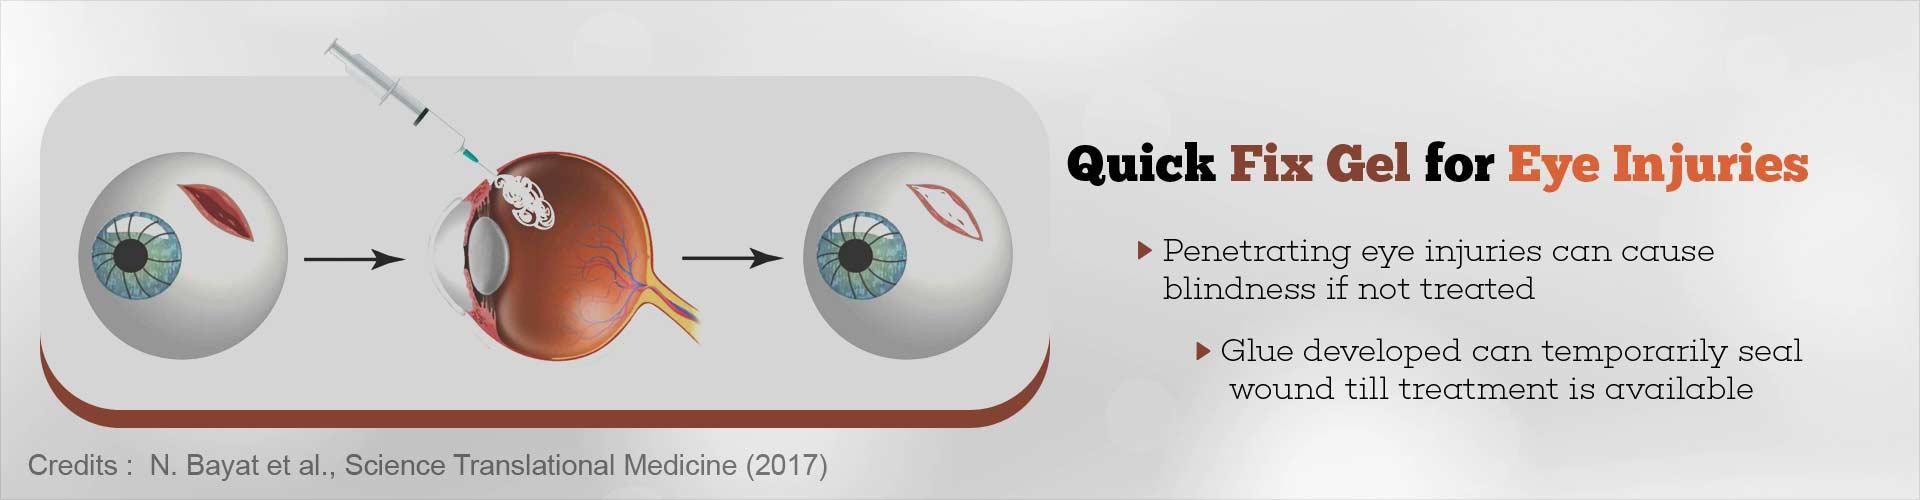 Gel to Fix Eye Injuries